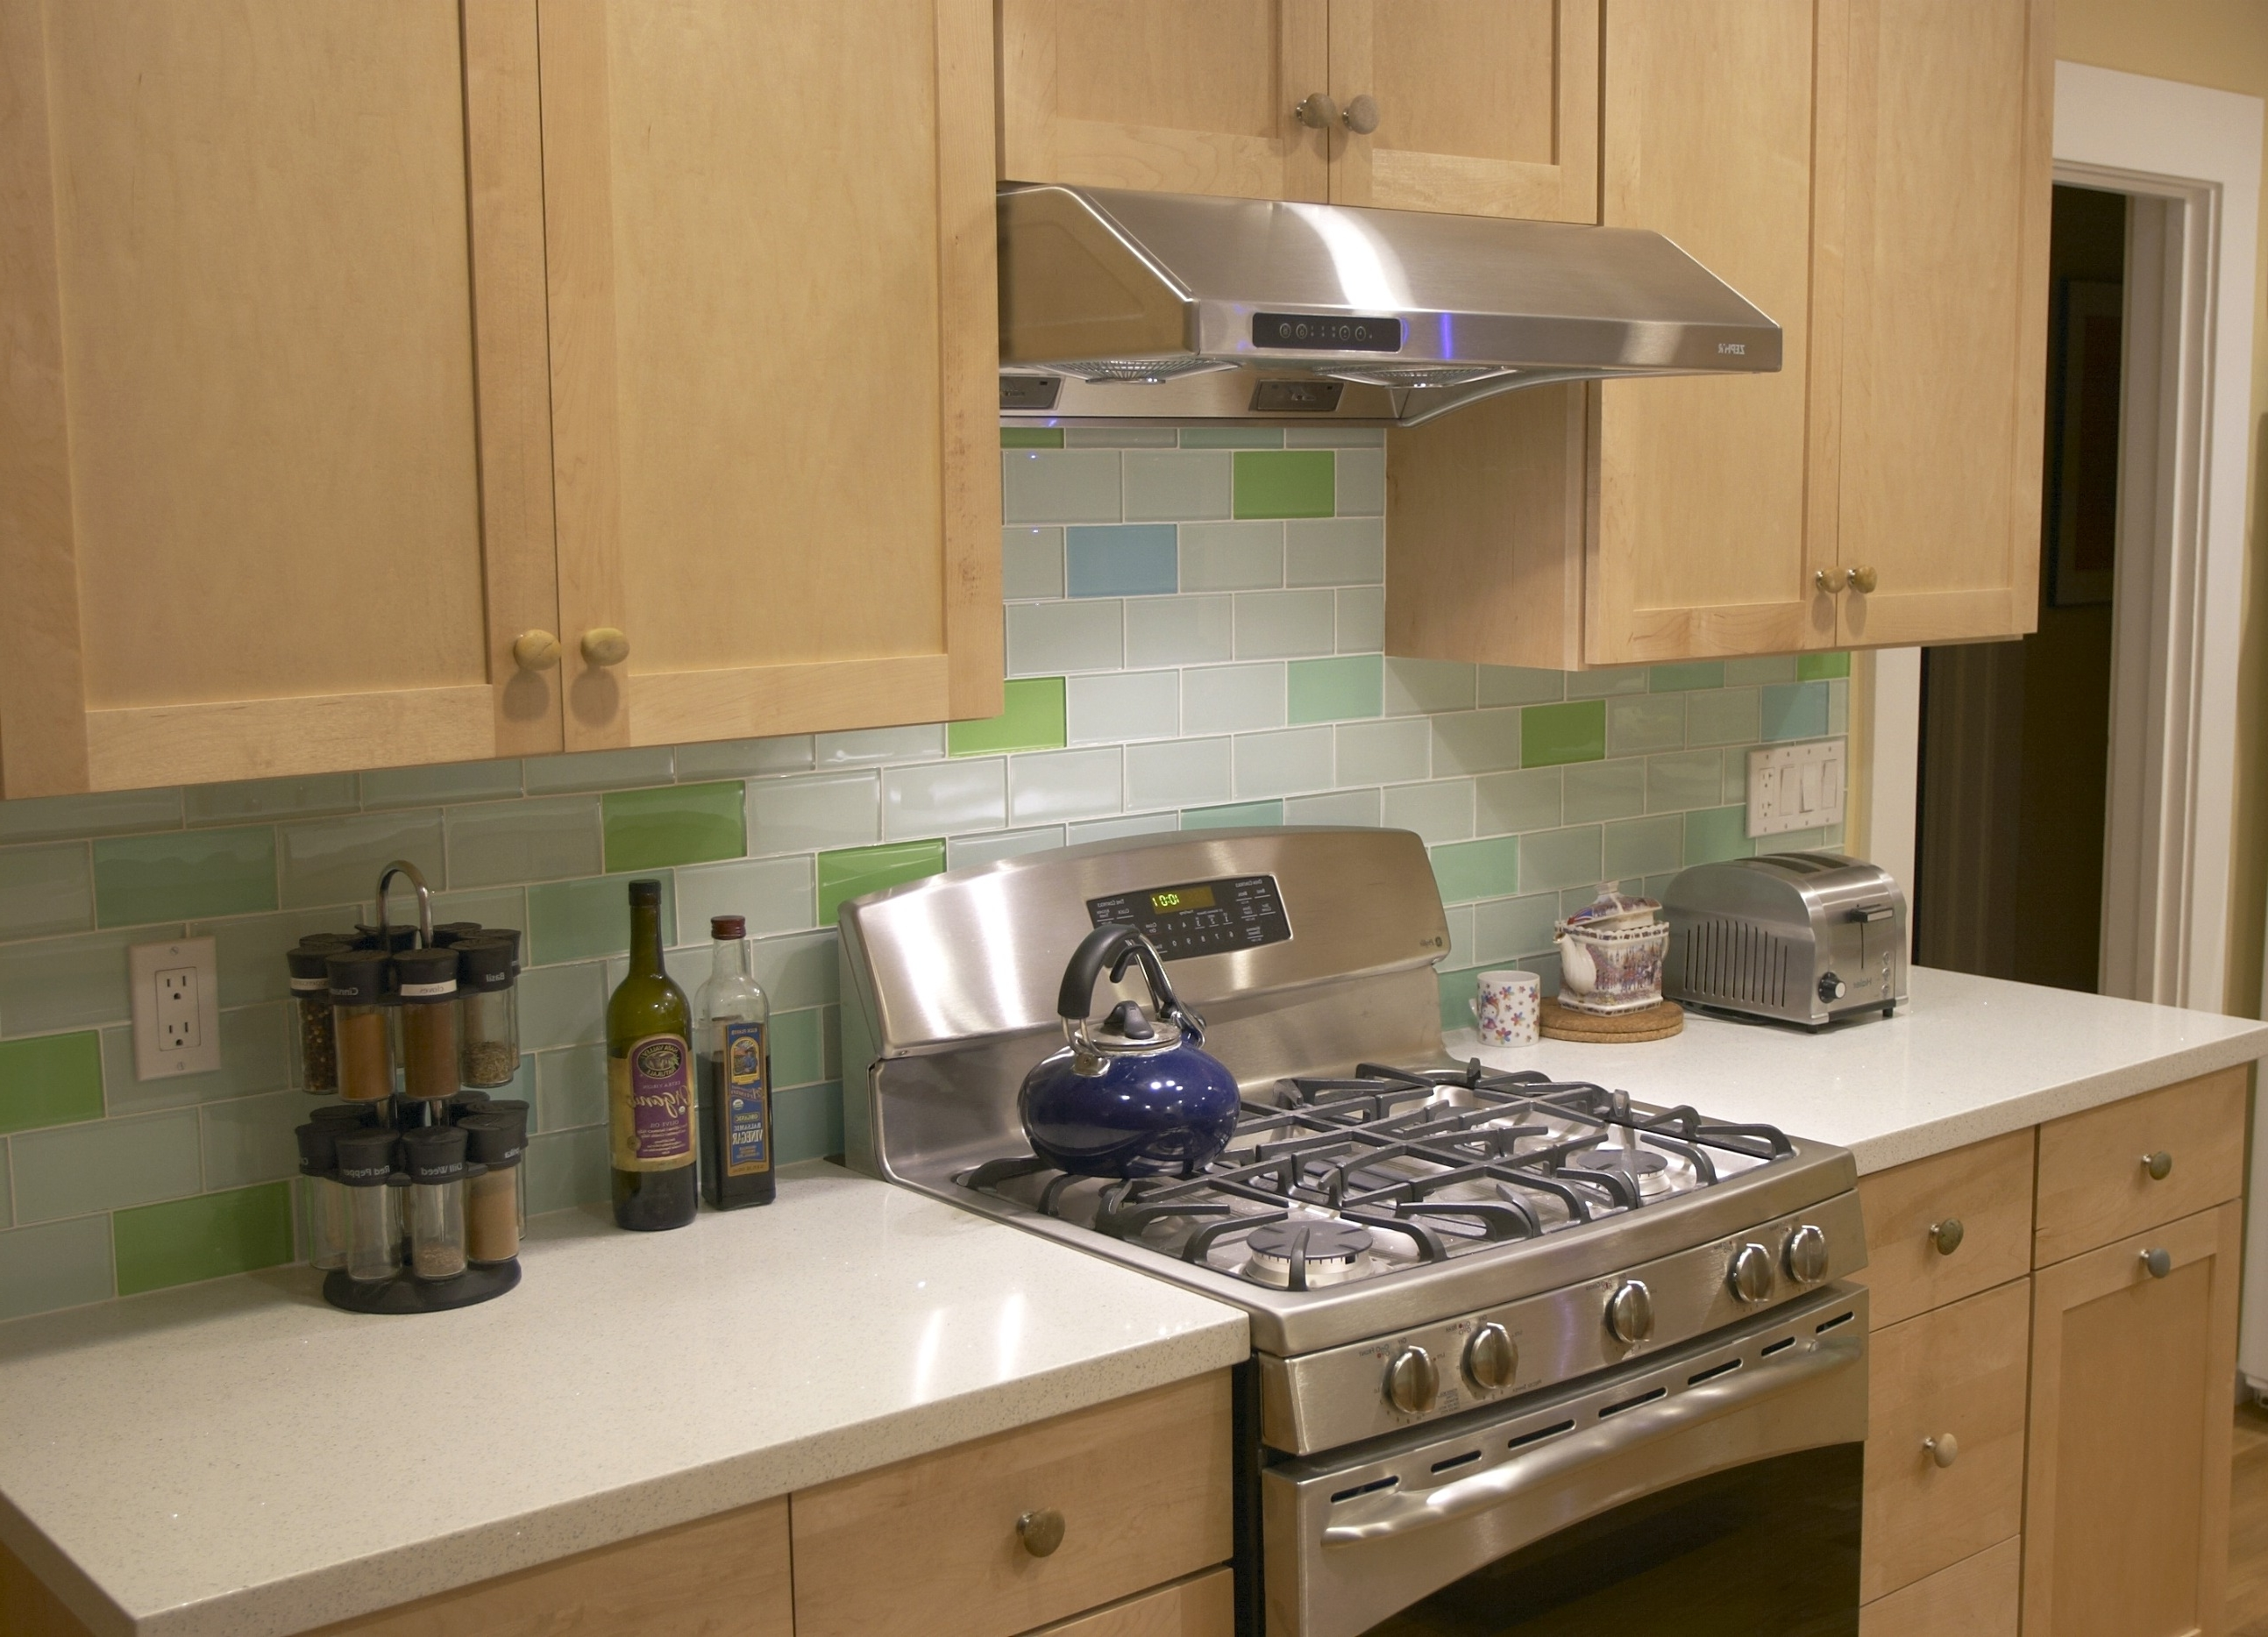 Kitchen Backsplash Tiles Kitchens Ceramic Subway Tile For Kitchen Decorations Ornament Ideas Colors Daltile Designs Best Design Idea Cloud Kitchen You Need To Subway Tile For Kitchen (Image 24 of 38)